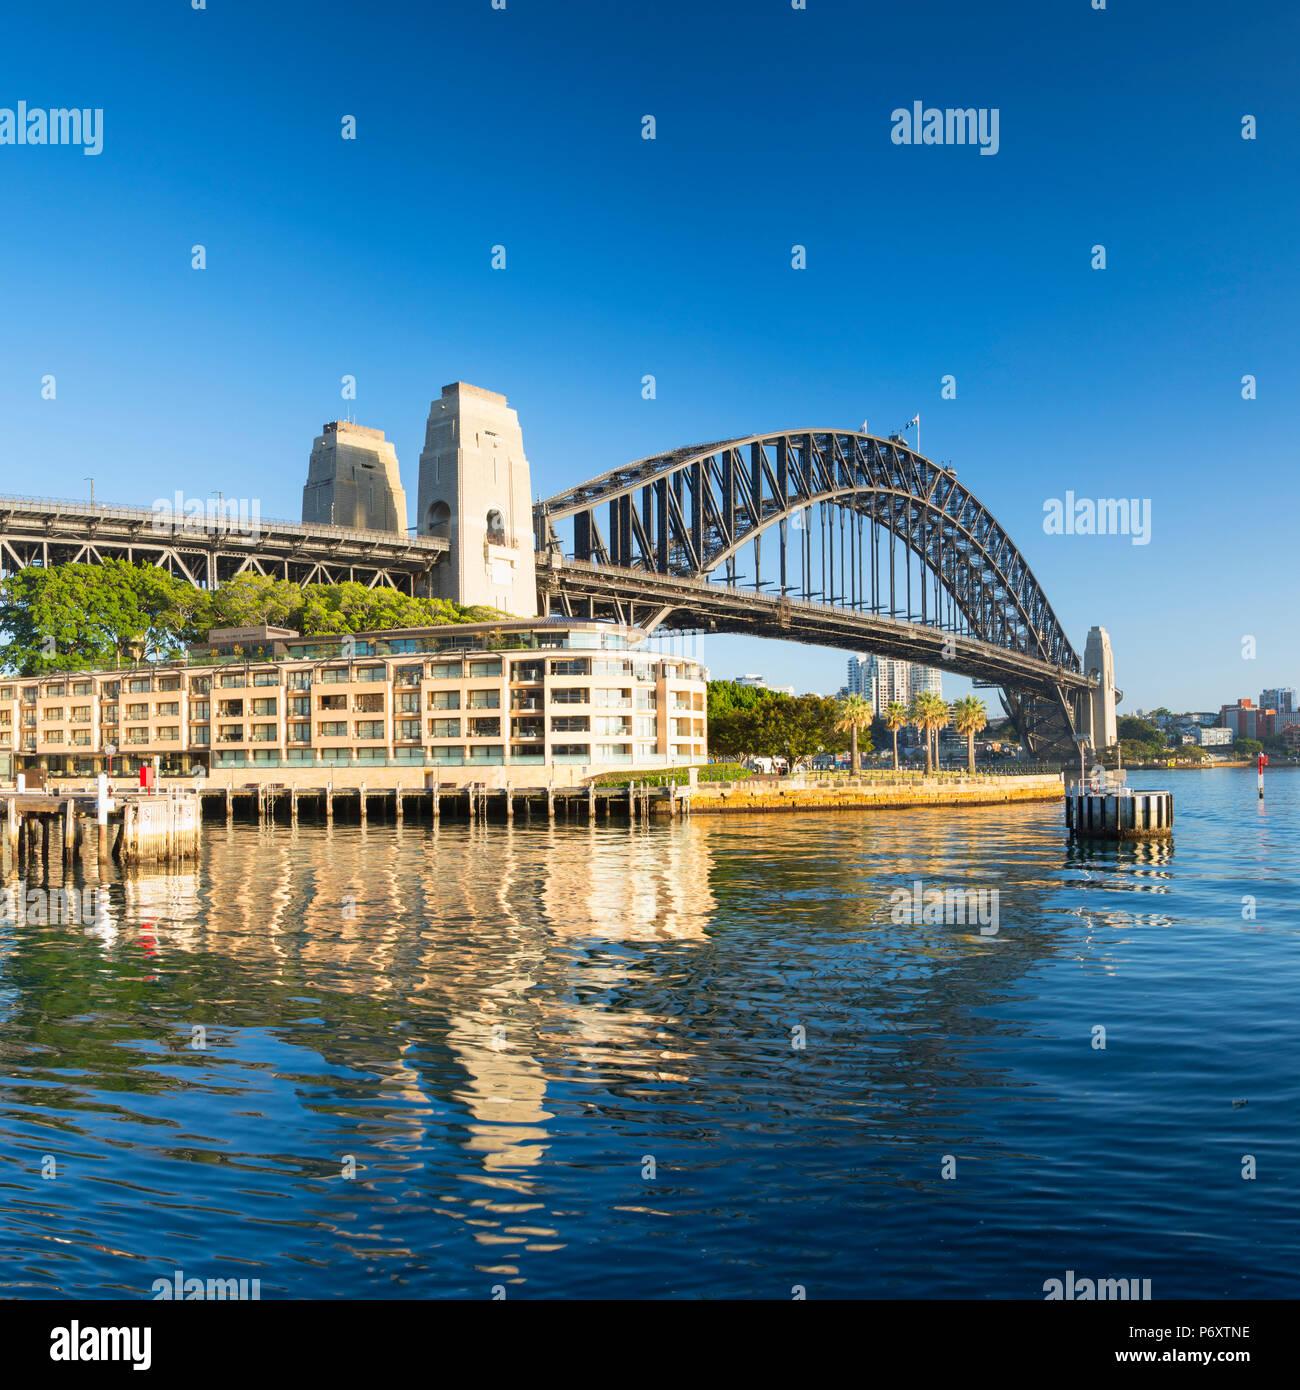 El Puente del Puerto de Sydney, Sydney, New South Wales, Australia Imagen De Stock